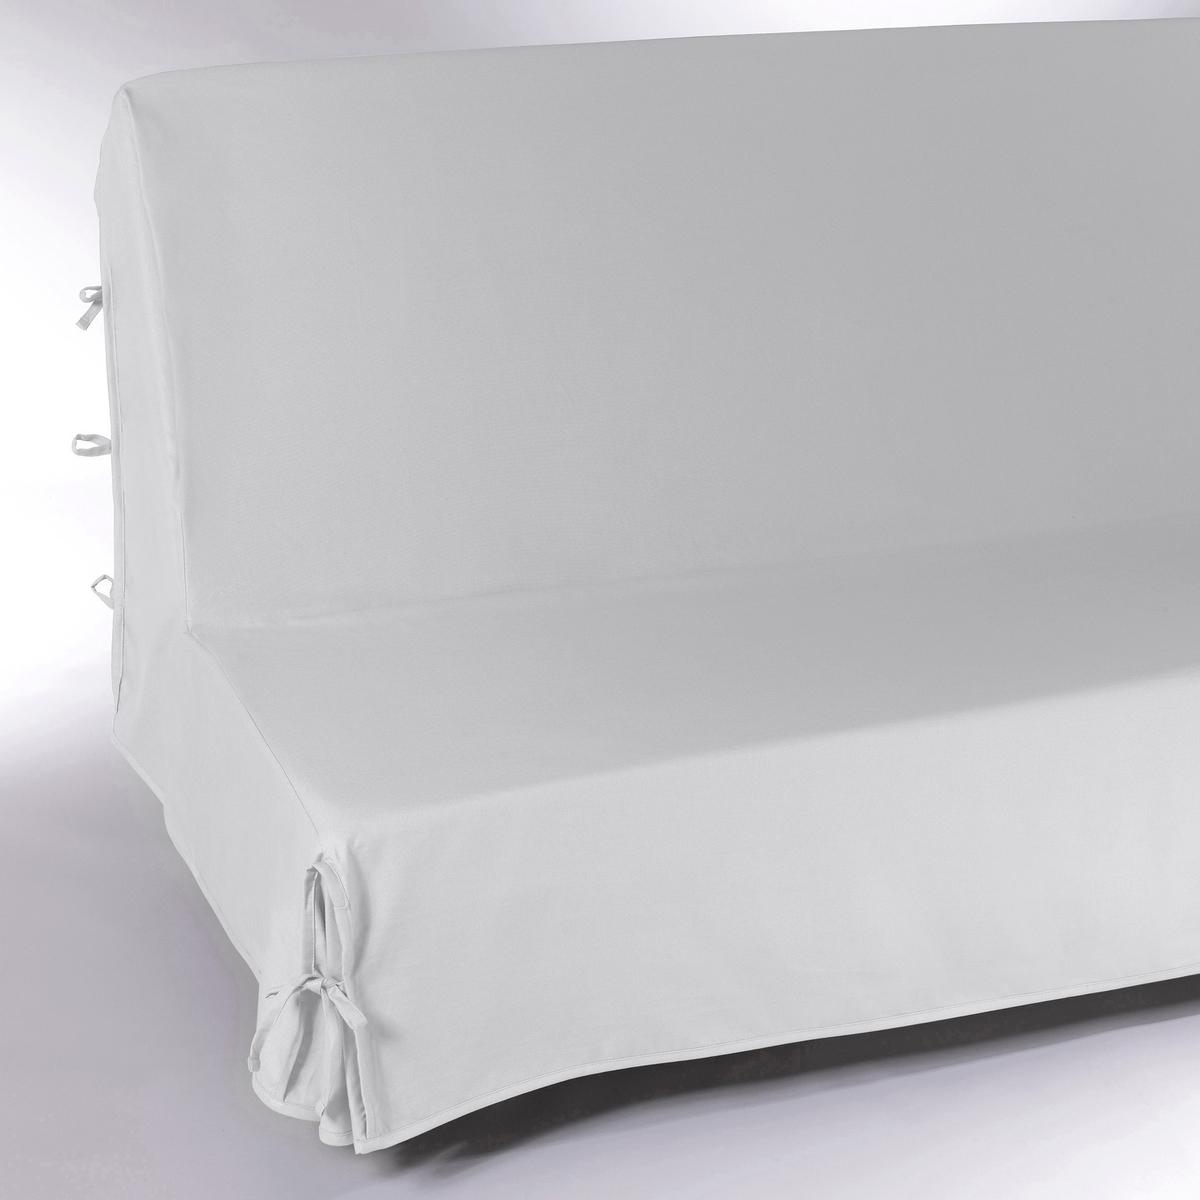 цена Чехол La Redoute Для раскладного дивана SCENARIO 140 см белый онлайн в 2017 году